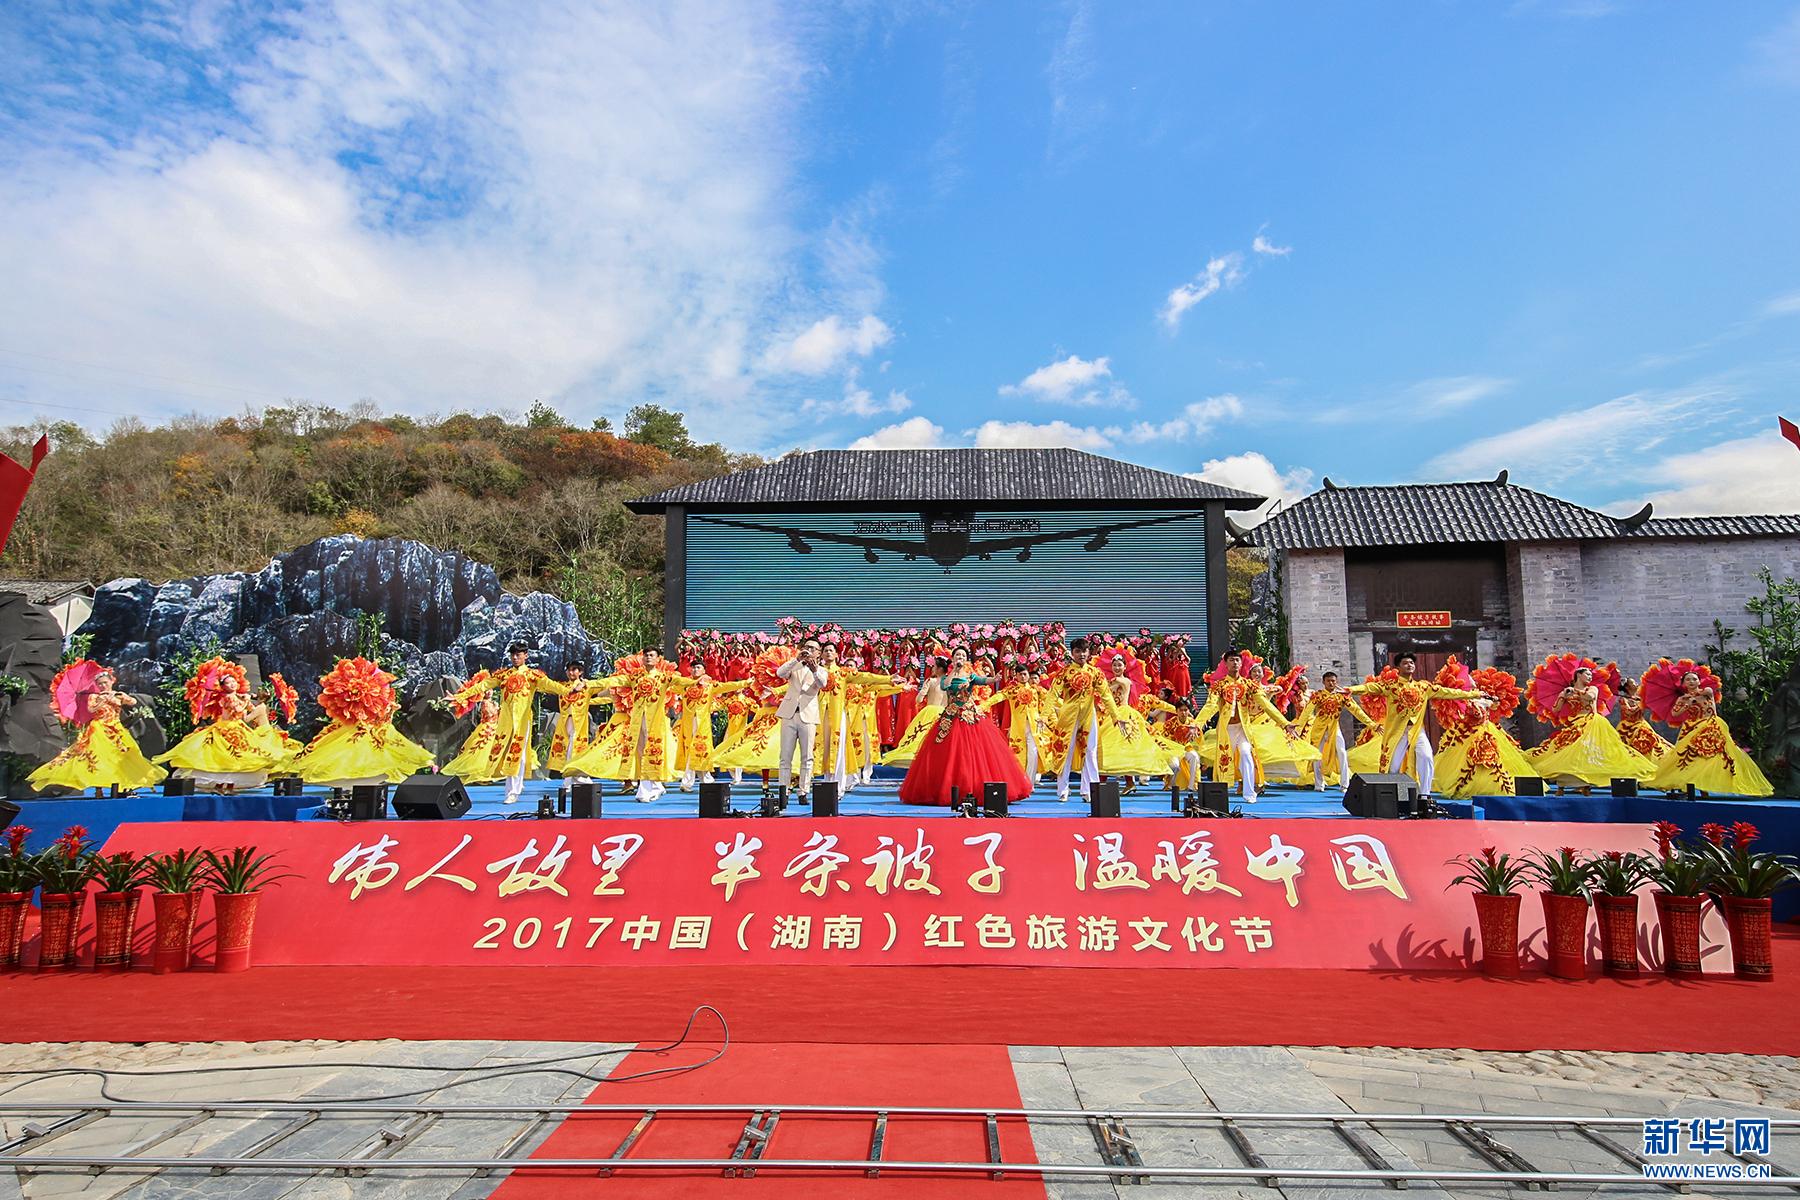 2017中國(湖南)紅色旅遊文化節在汝城沙洲村開幕